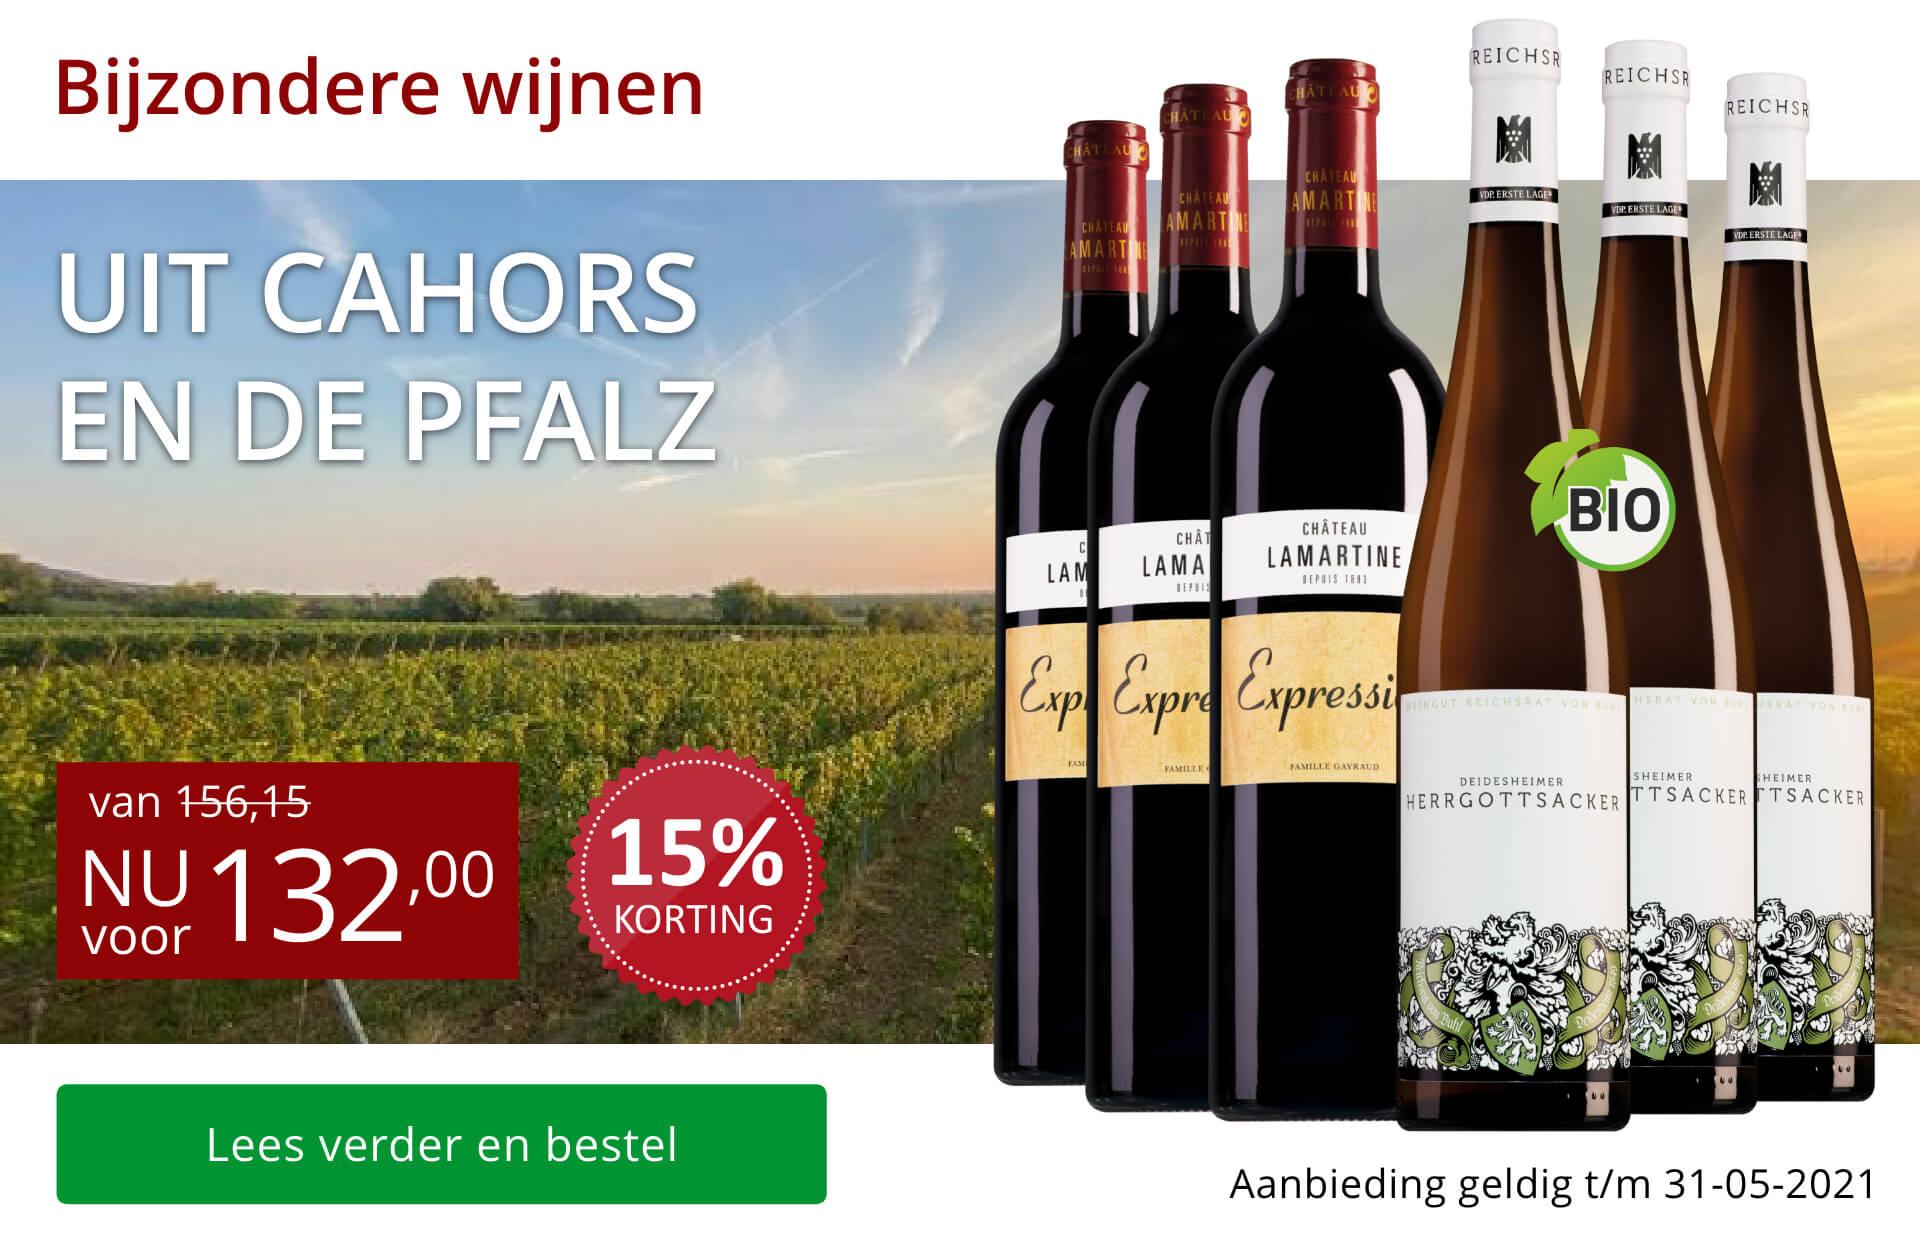 Wijnpakket bijzondere wijnen mei (132,00) - rood